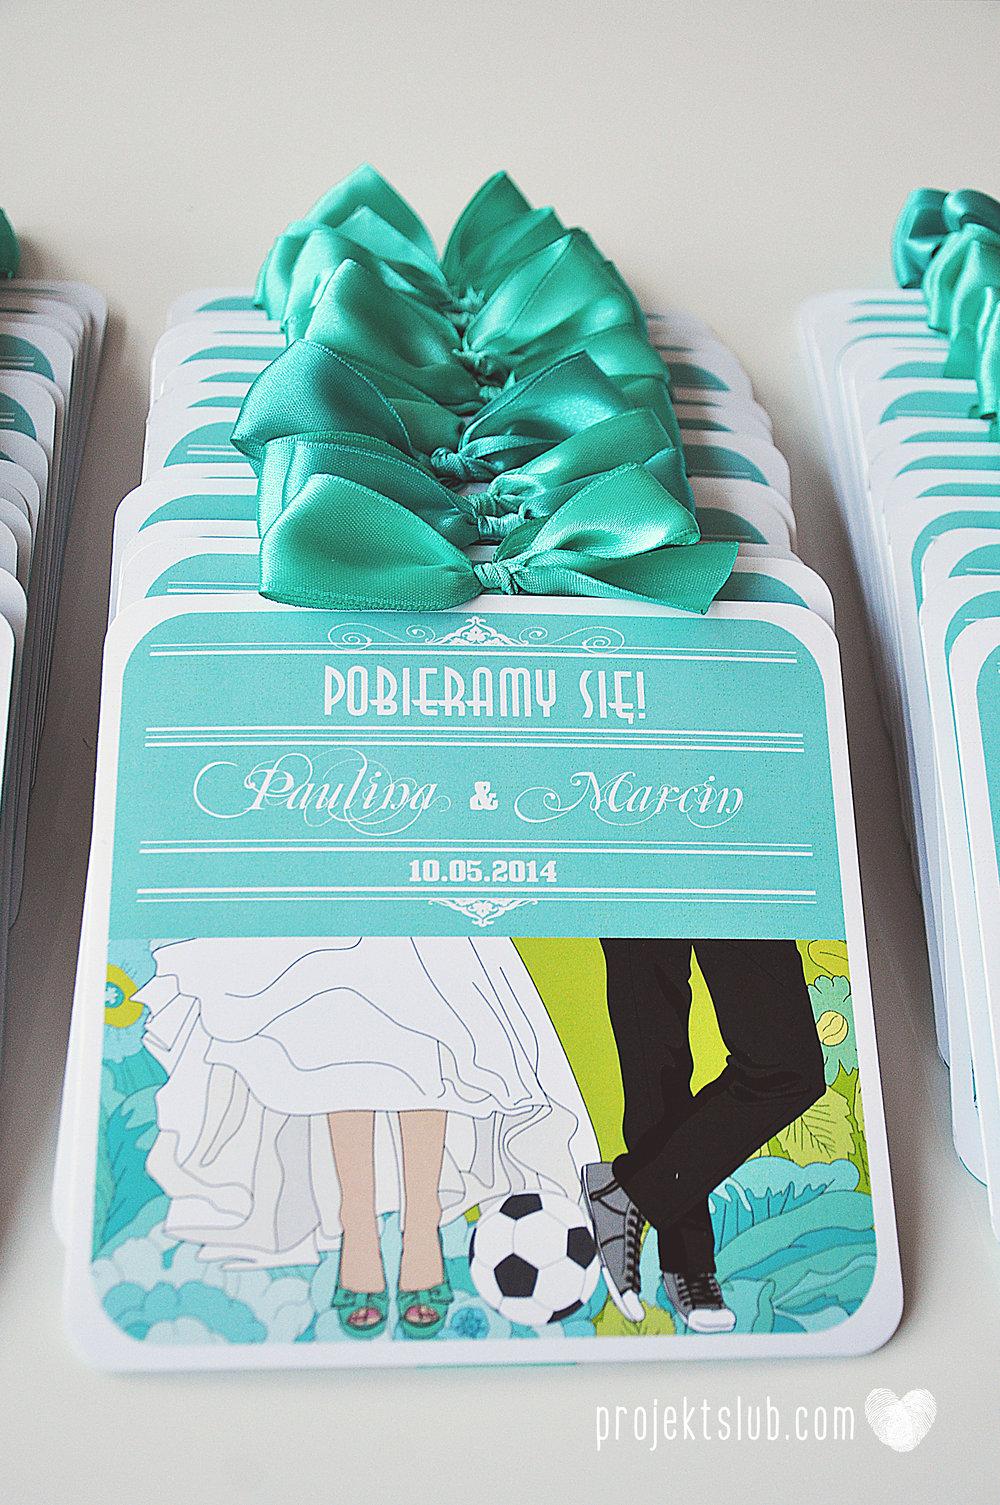 zaproszenia ślubne poczuj miętę limonka turkus para młoda grafika rysunek piłka nożna elegancka papeteria kwiaty projekt ślub (4).jpg